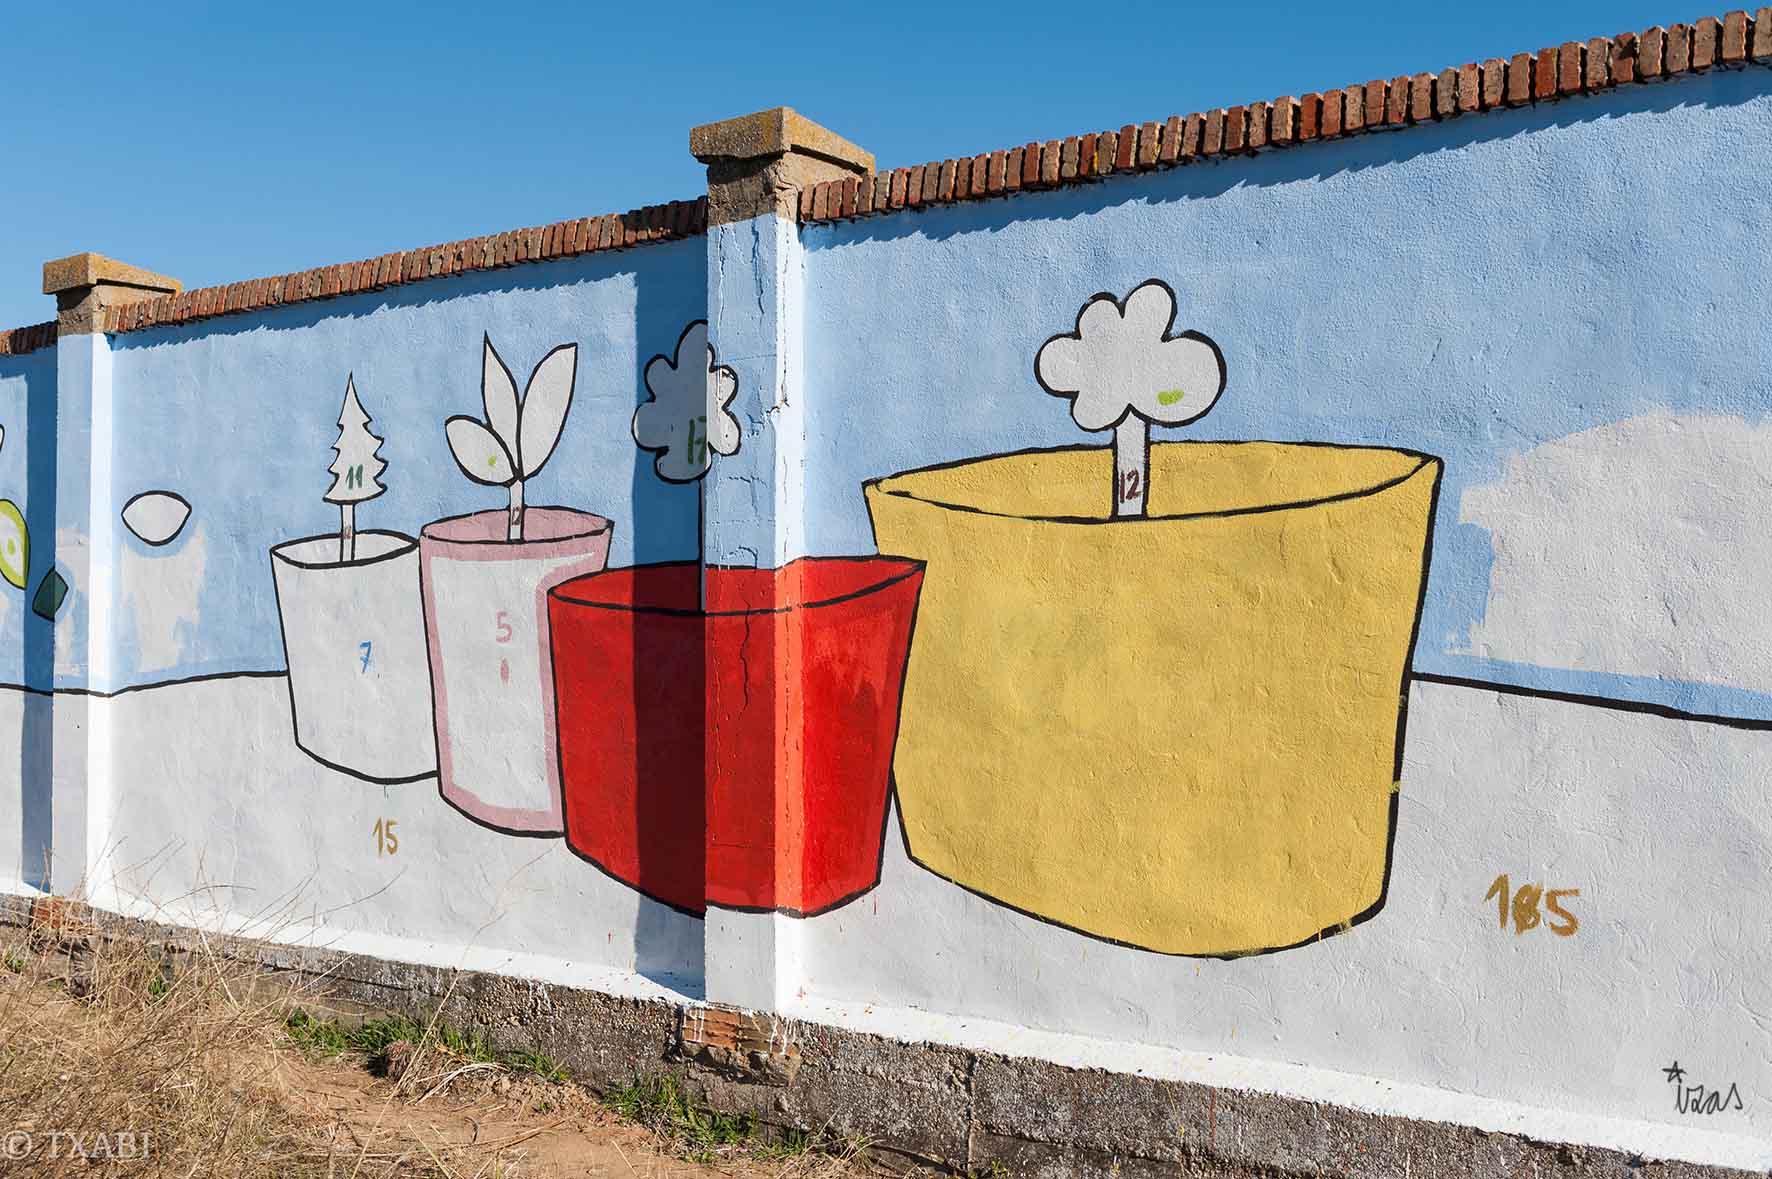 mural izas bosque sueños 2